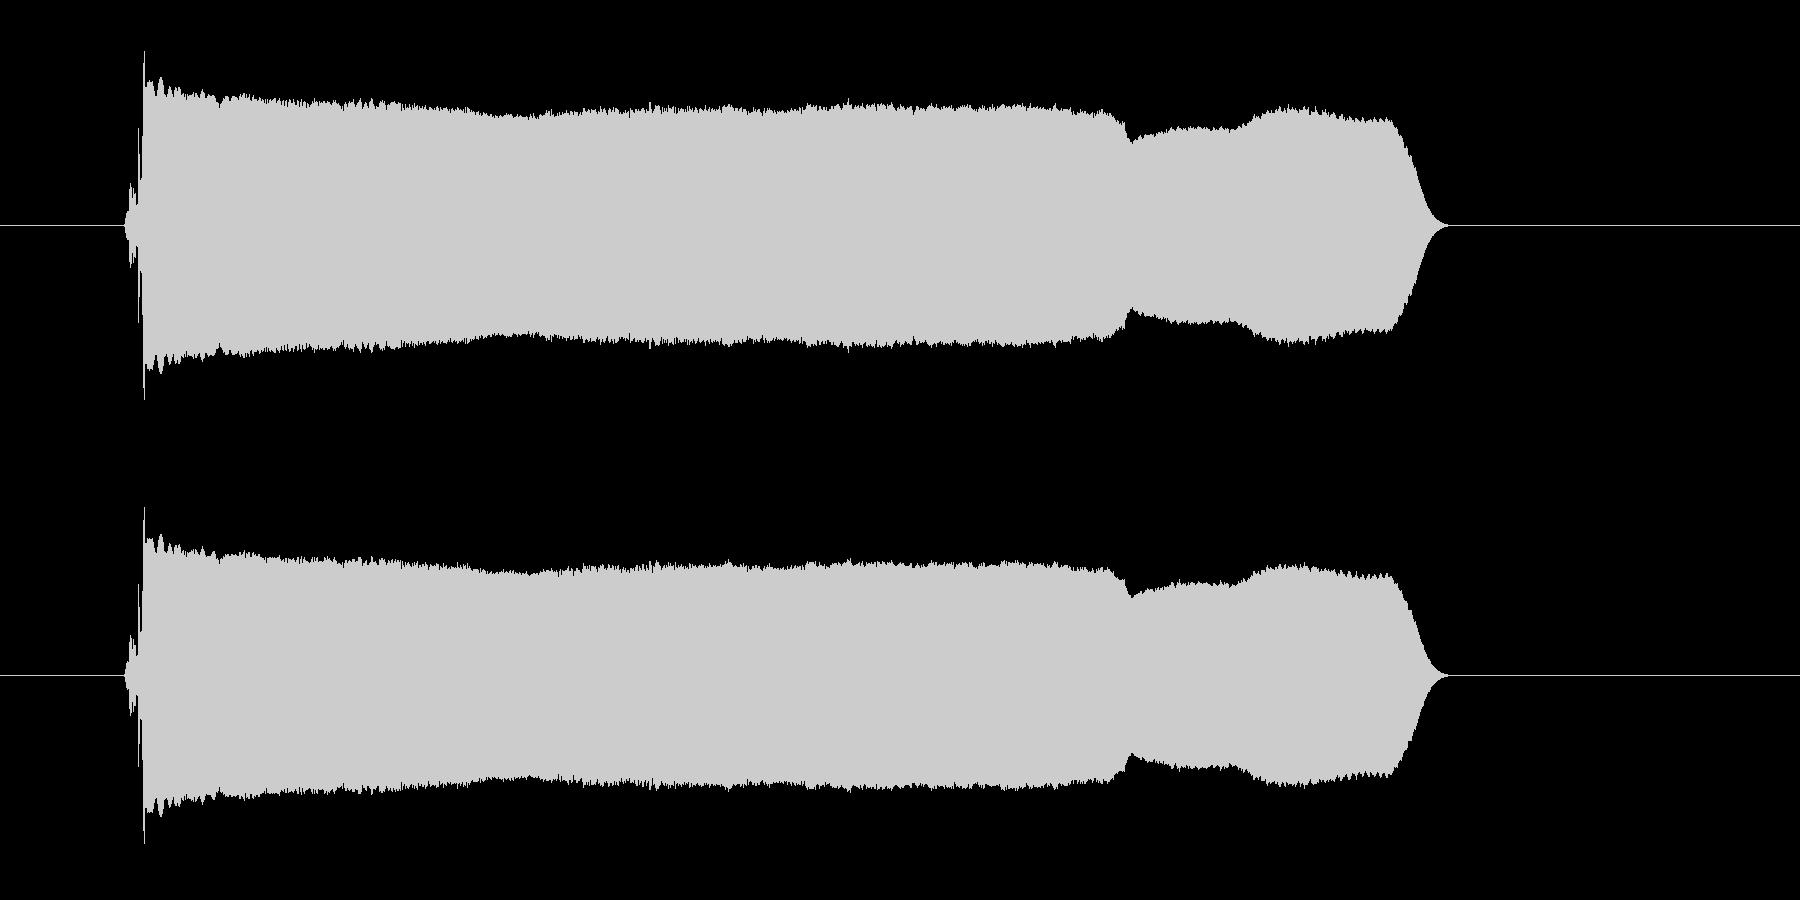 キュイーン(コミカル、長め)の未再生の波形